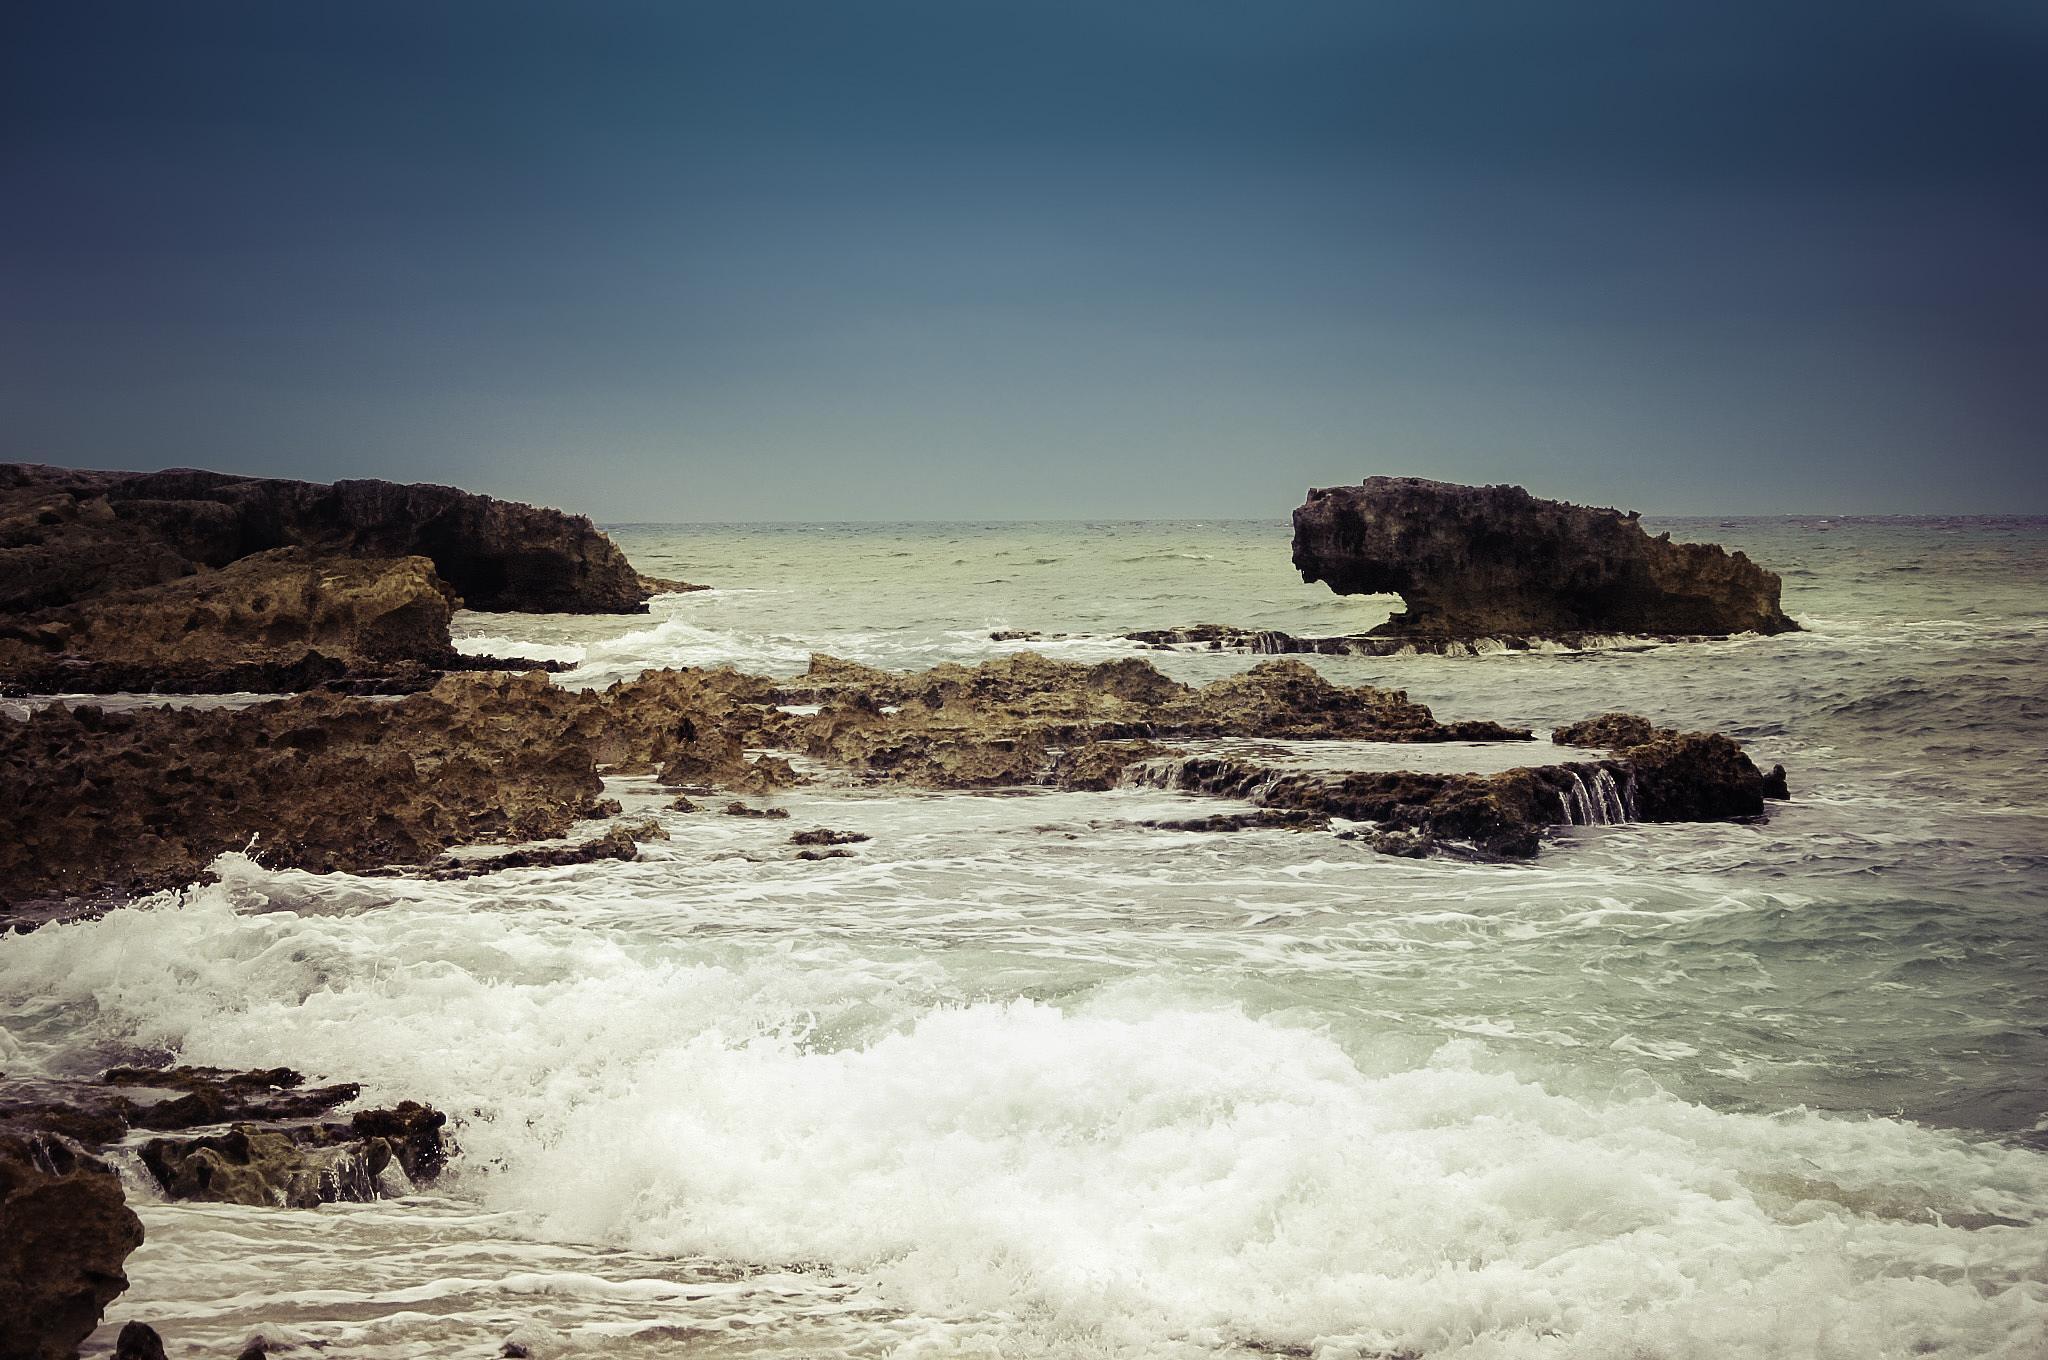 Caribbean Sea by Stacy Devereaux